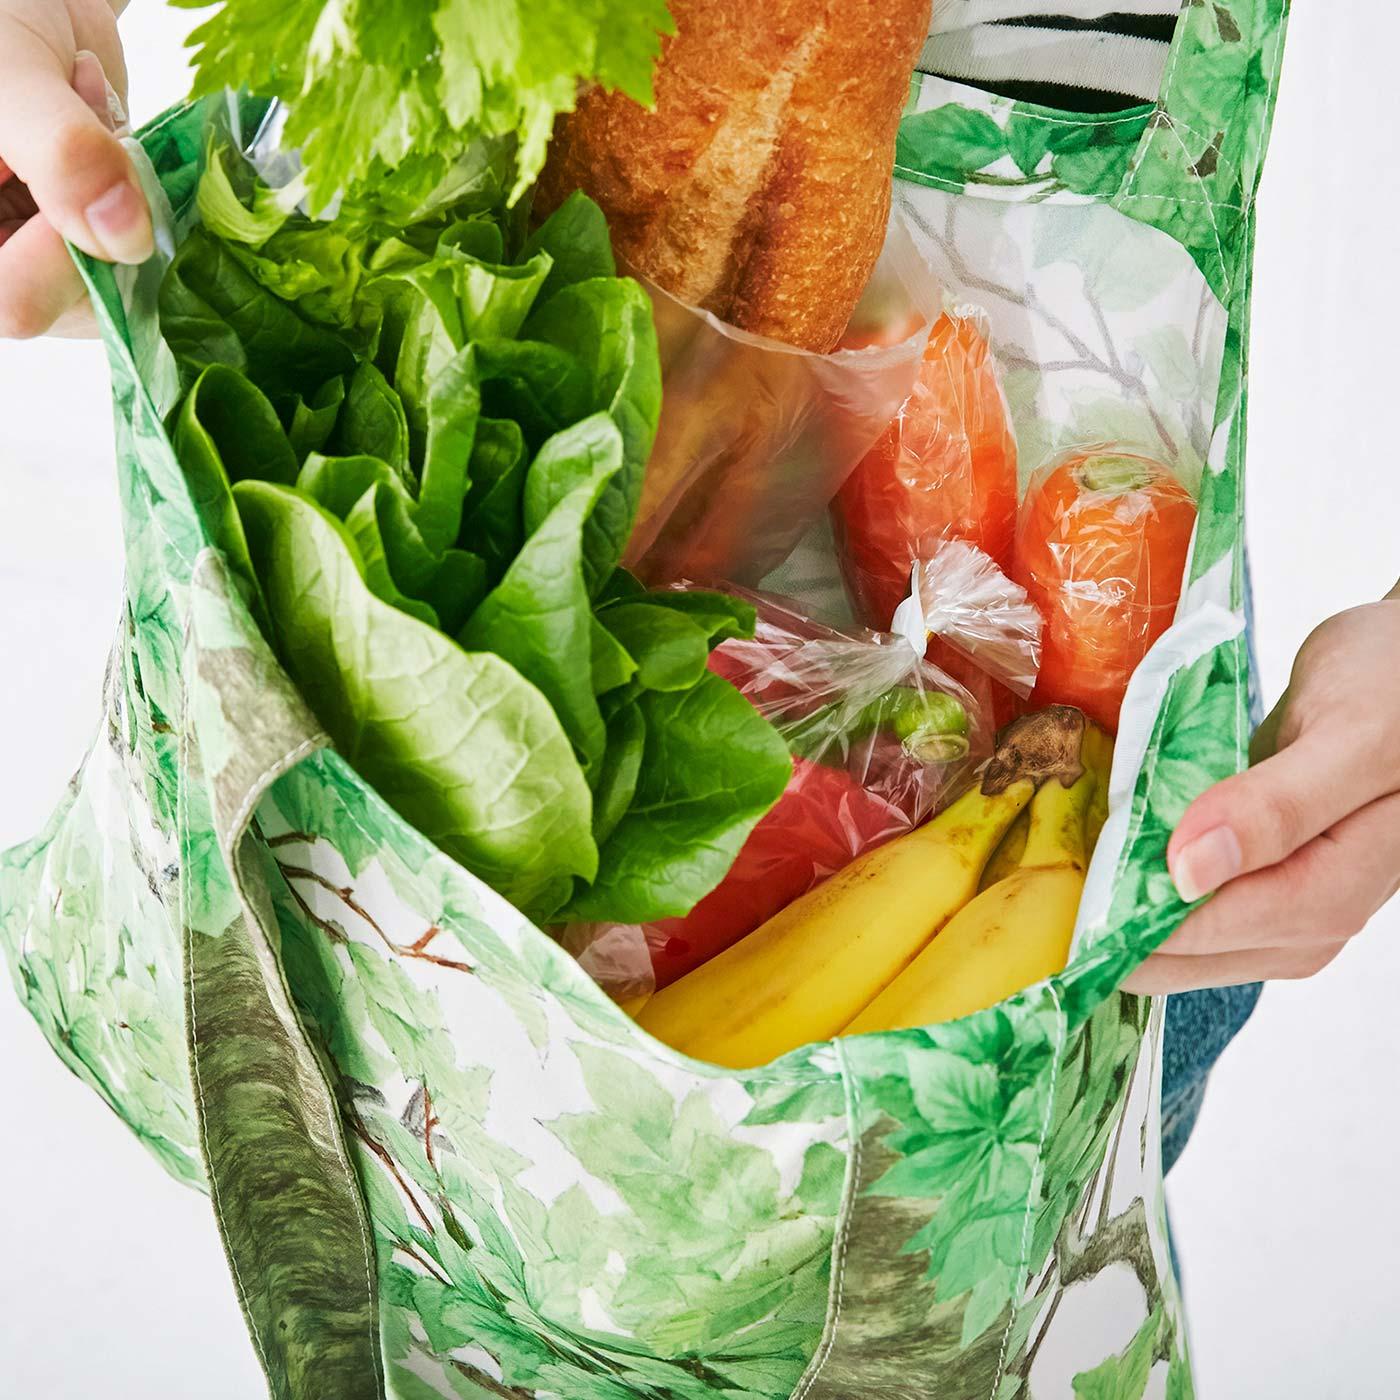 コンパクトに持ち運んで、買い物後のエコバッグとしても使えます!